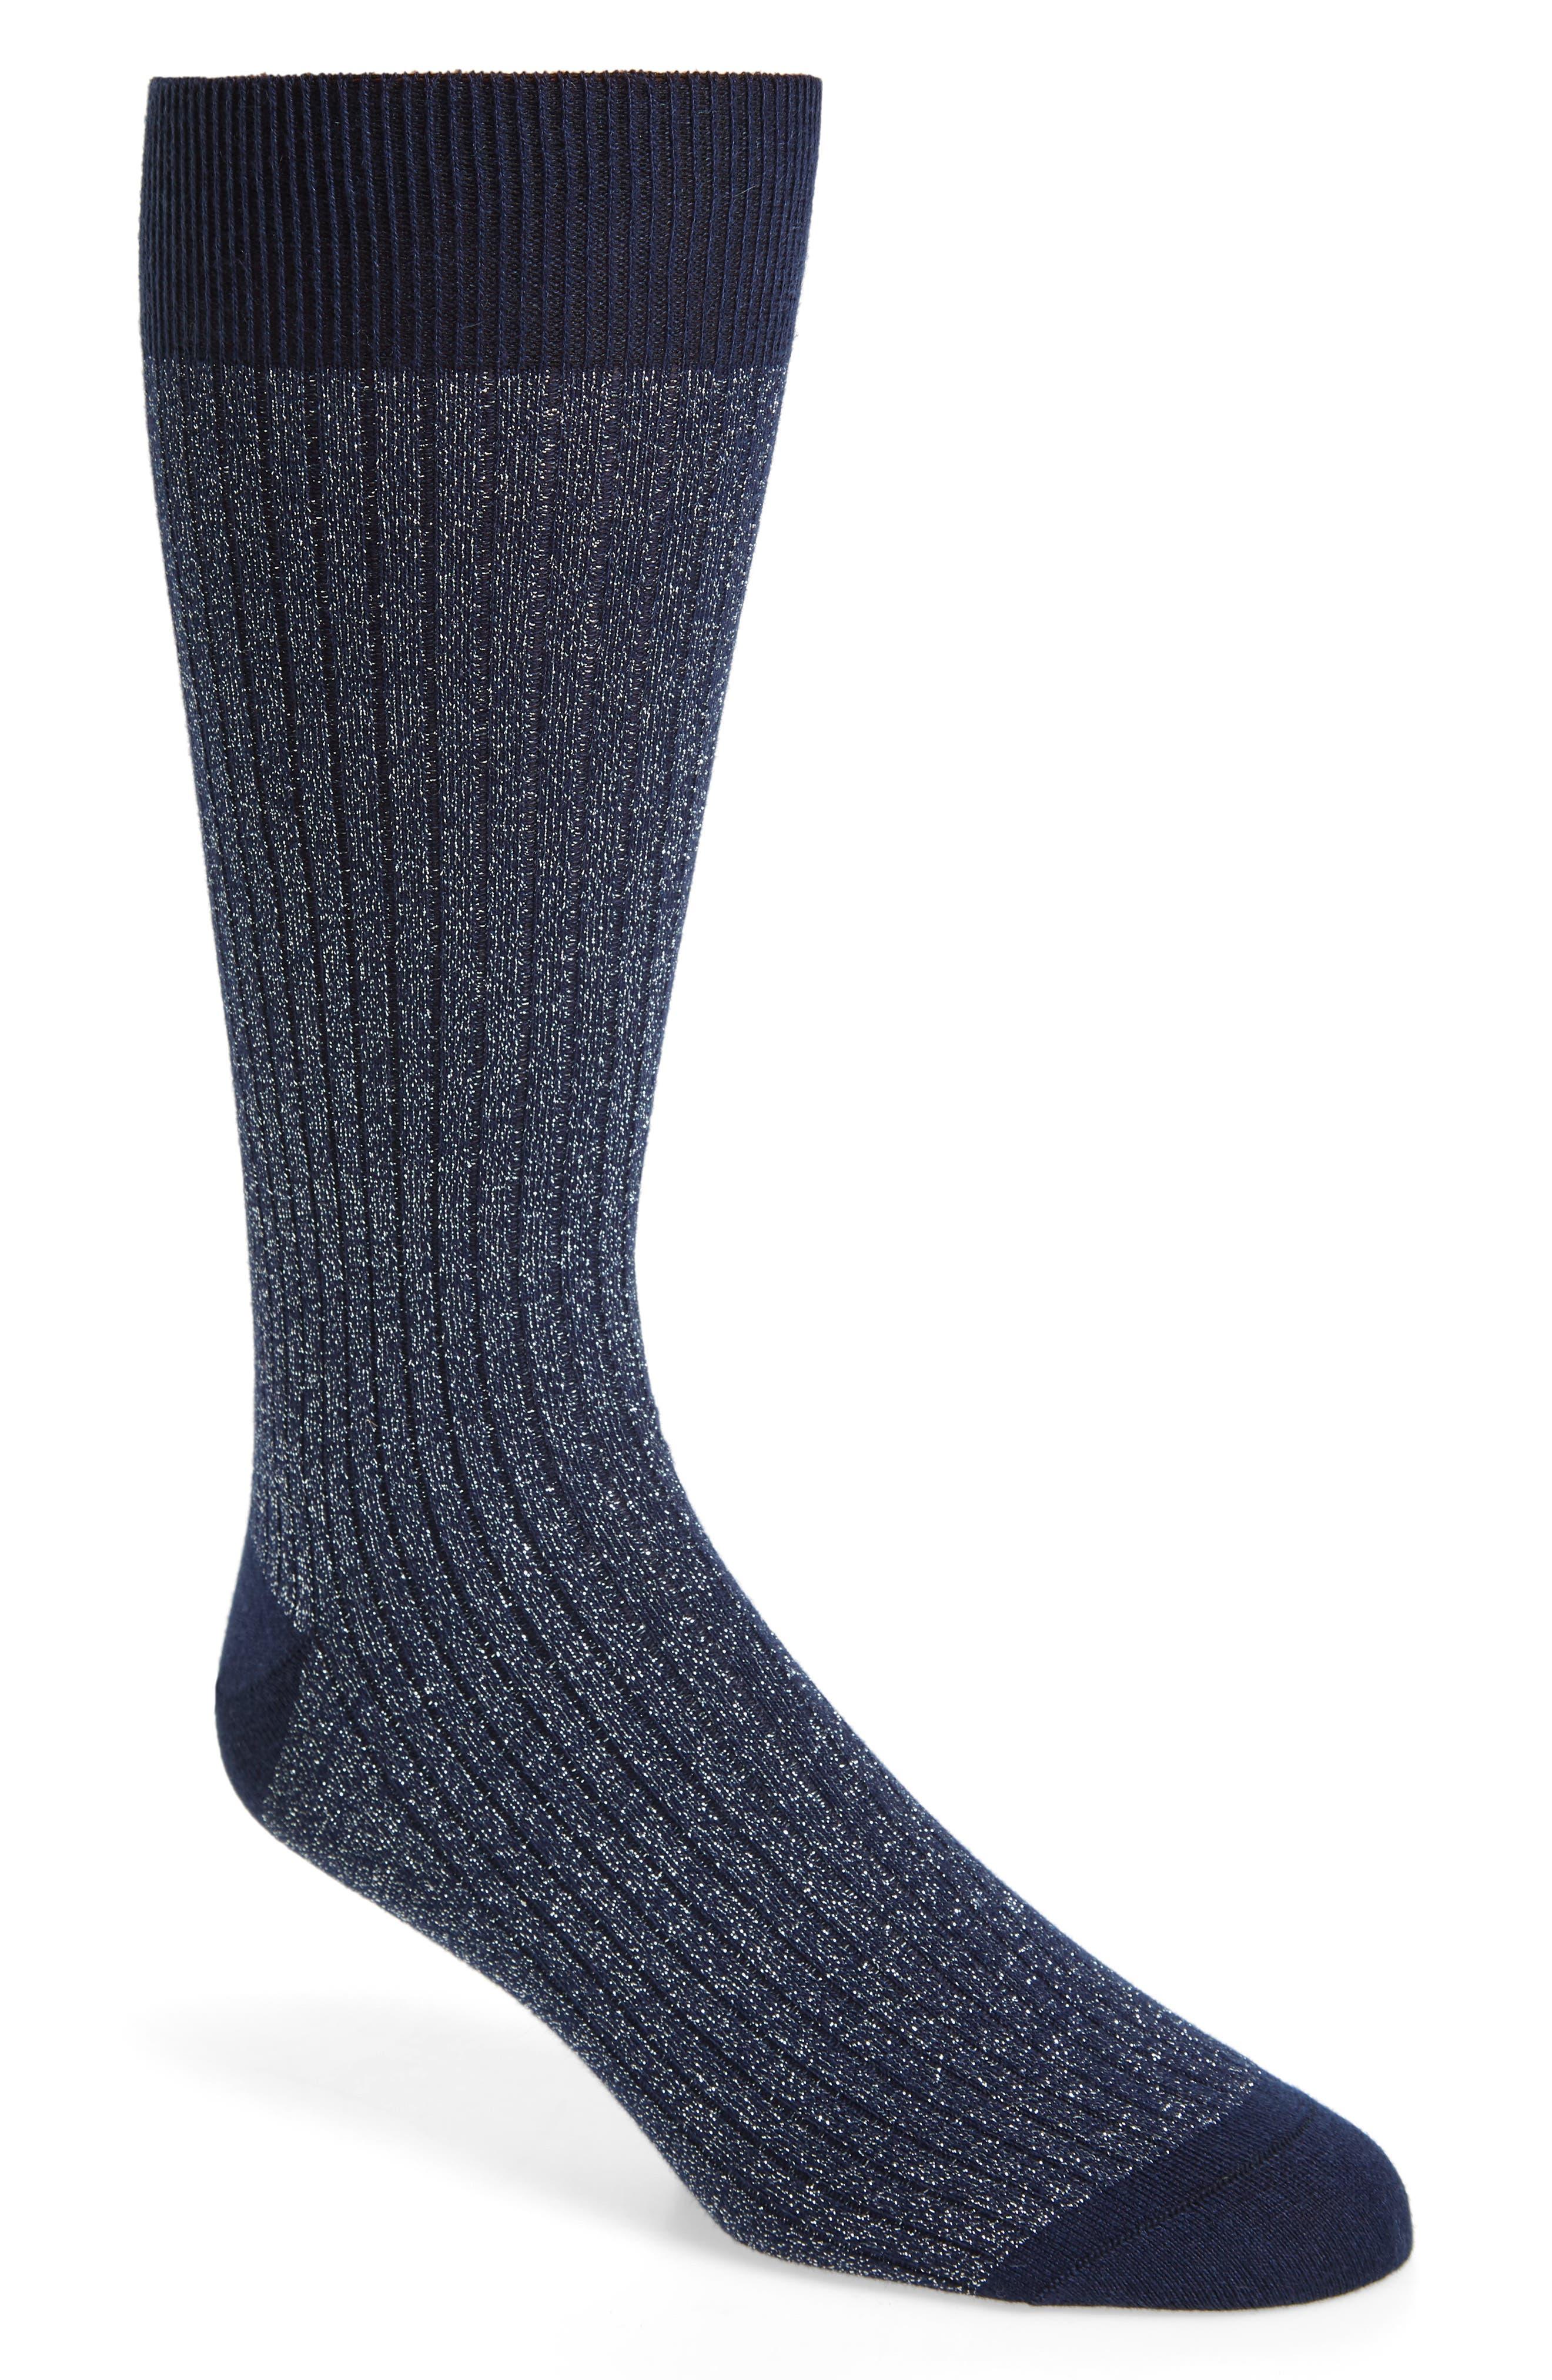 Sparkle Socks,                         Main,                         color, NAVY